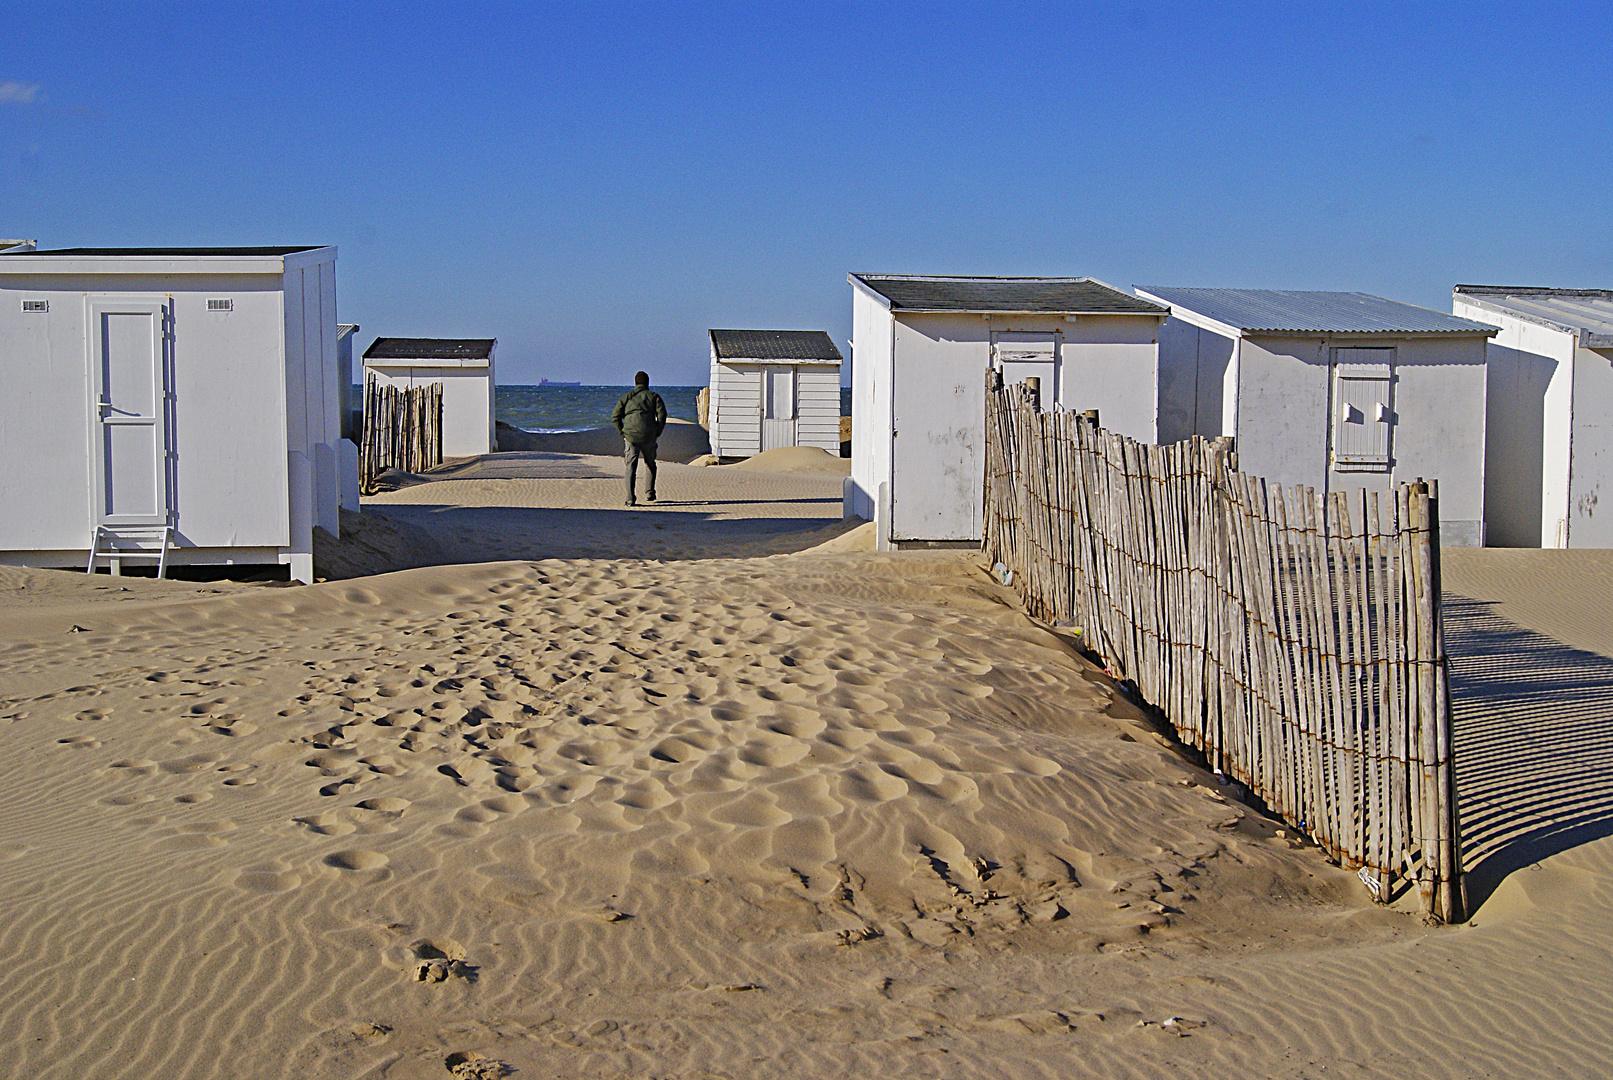 La plage de Calais et ses cabanons, Pas de Calais